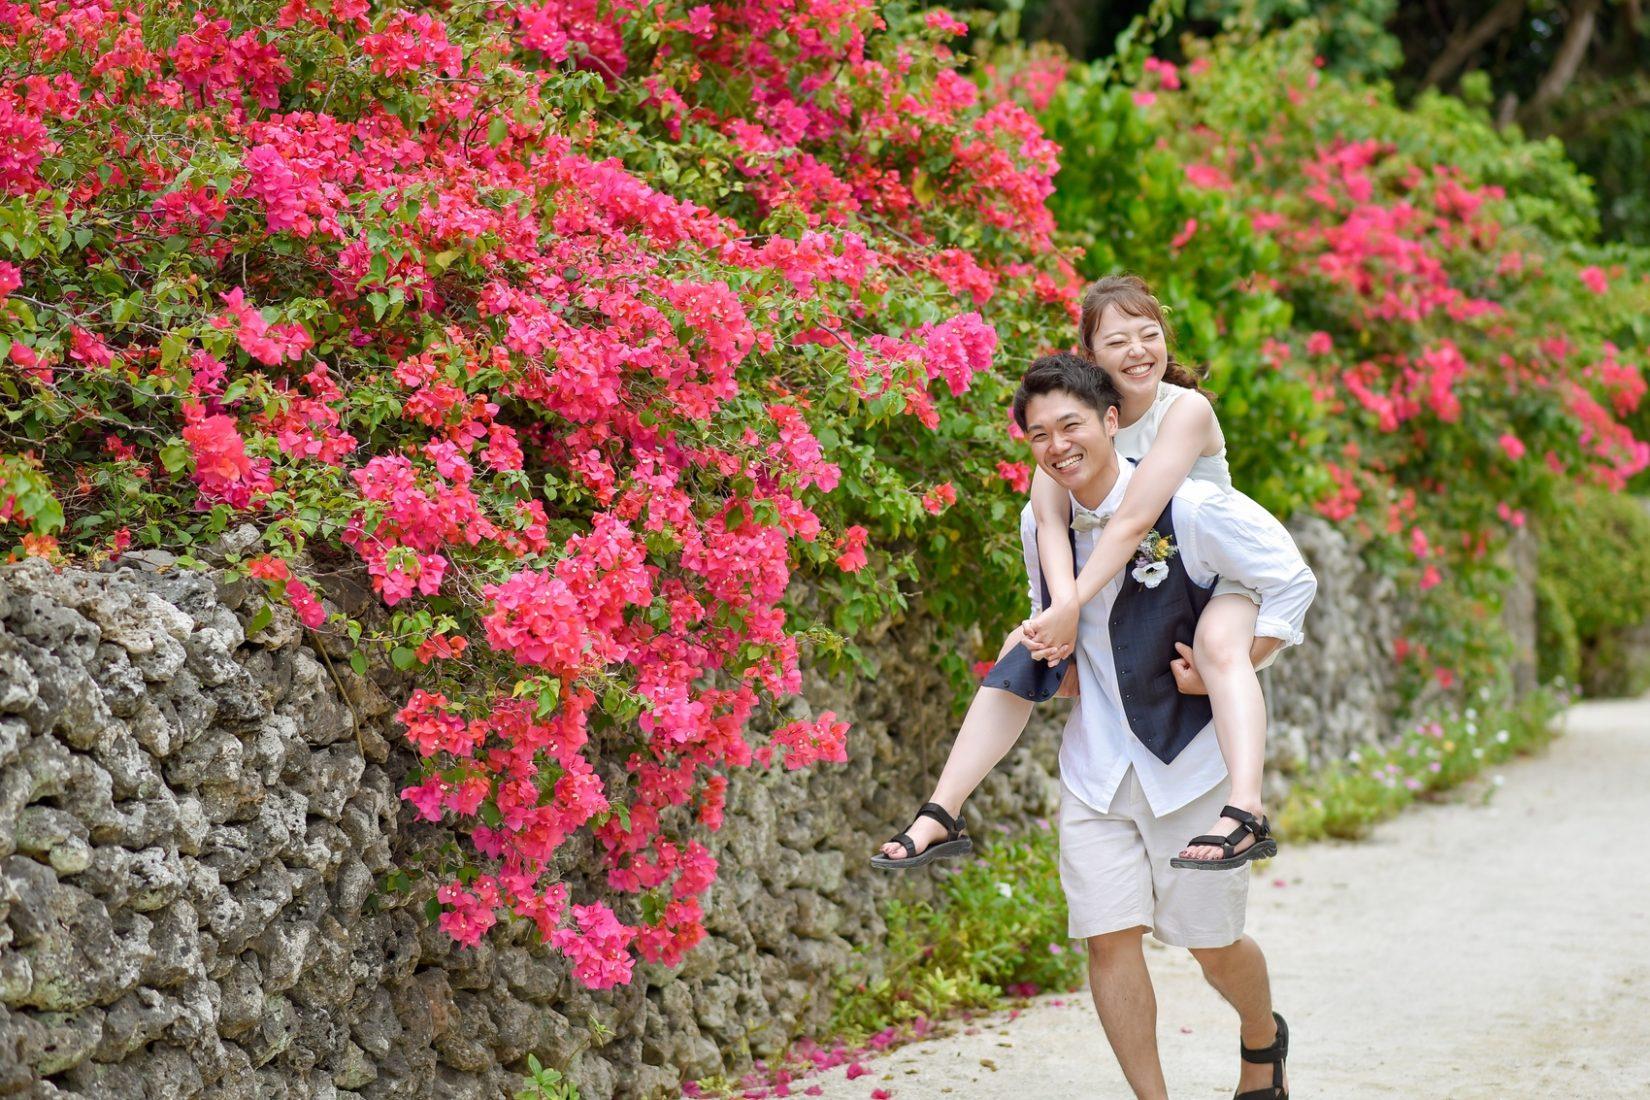 【レポ#19】笑顔が可愛い♡K様&M様と竹富島フォトツアー